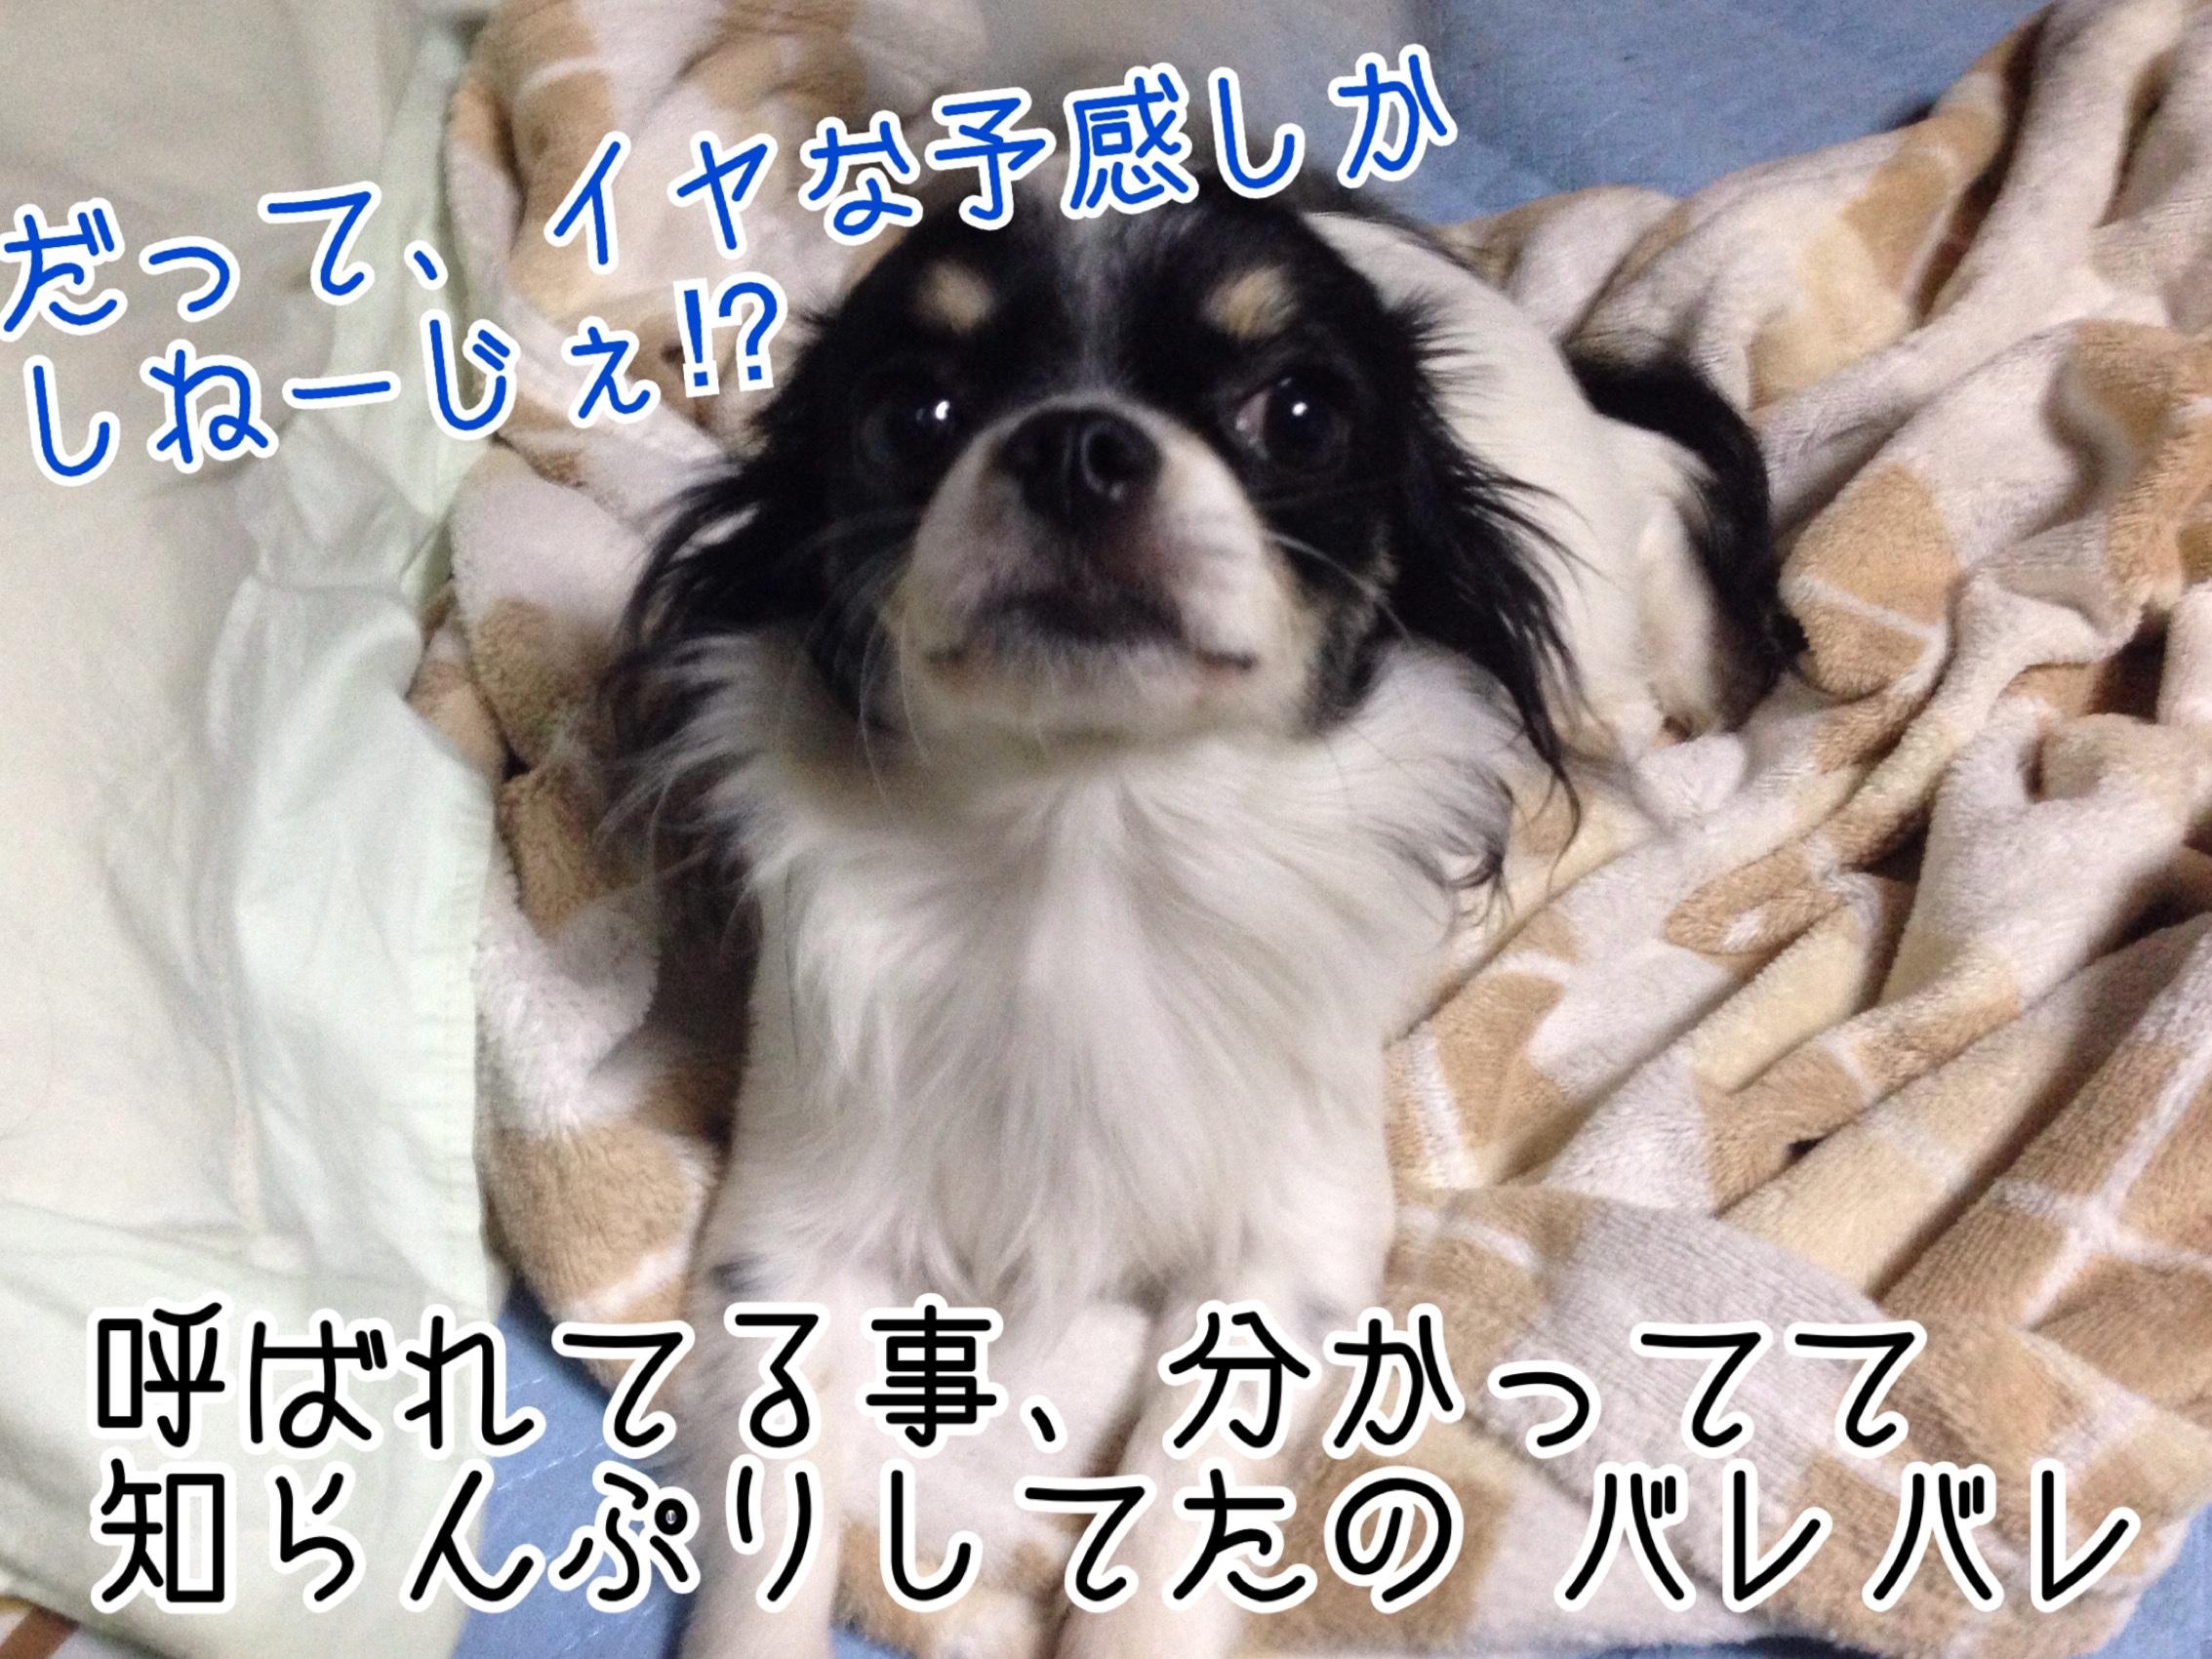 fc2blog_2015092511492590e.jpg